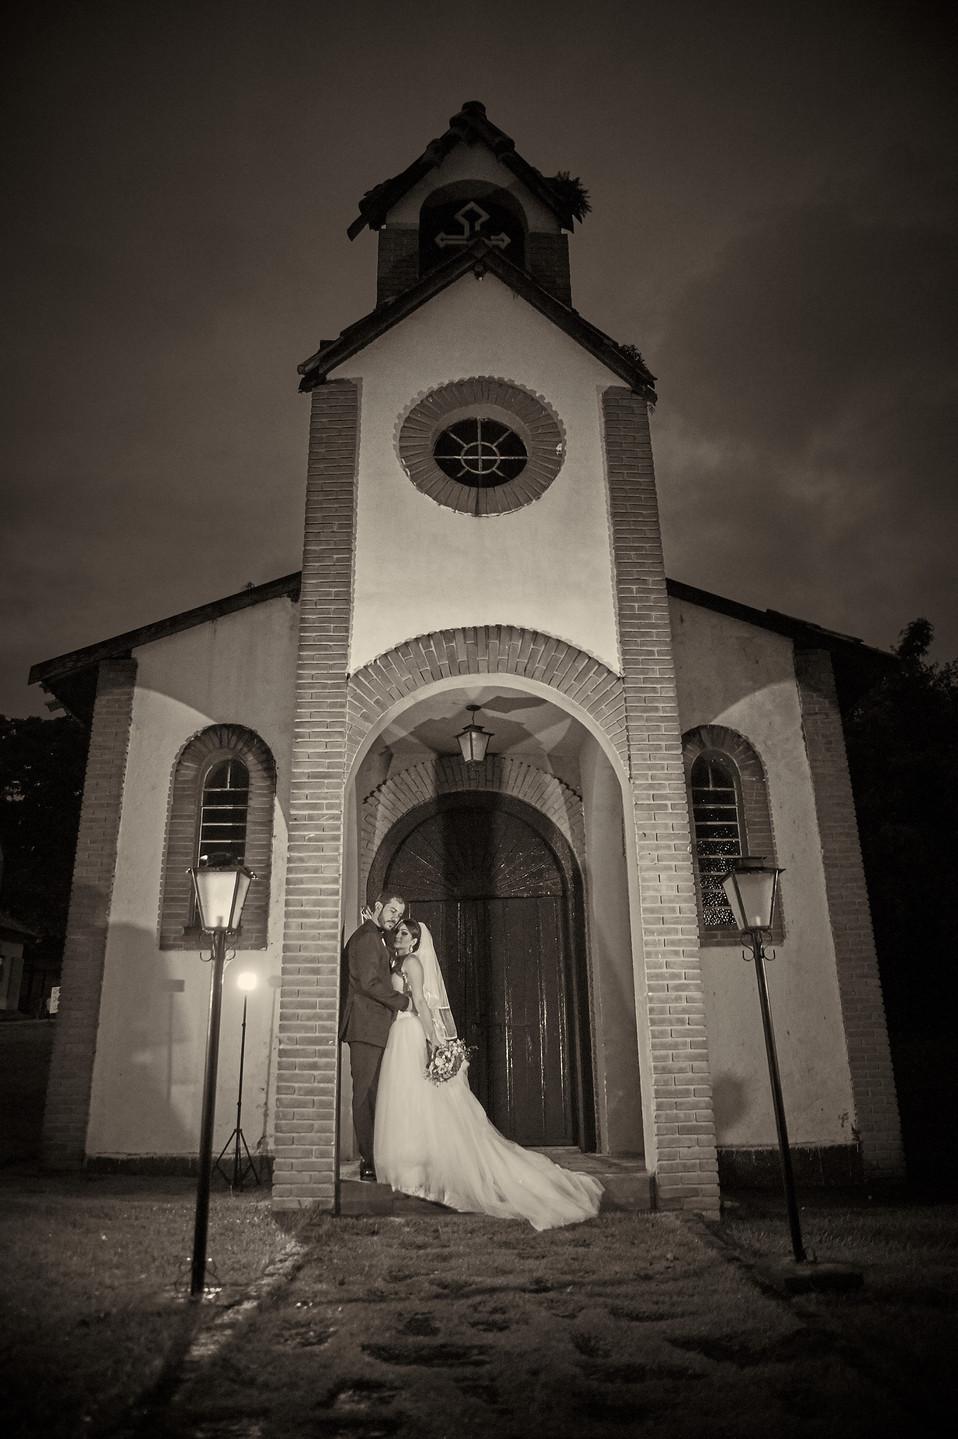 fotografo-de-casamentos-vinhedo.jpg